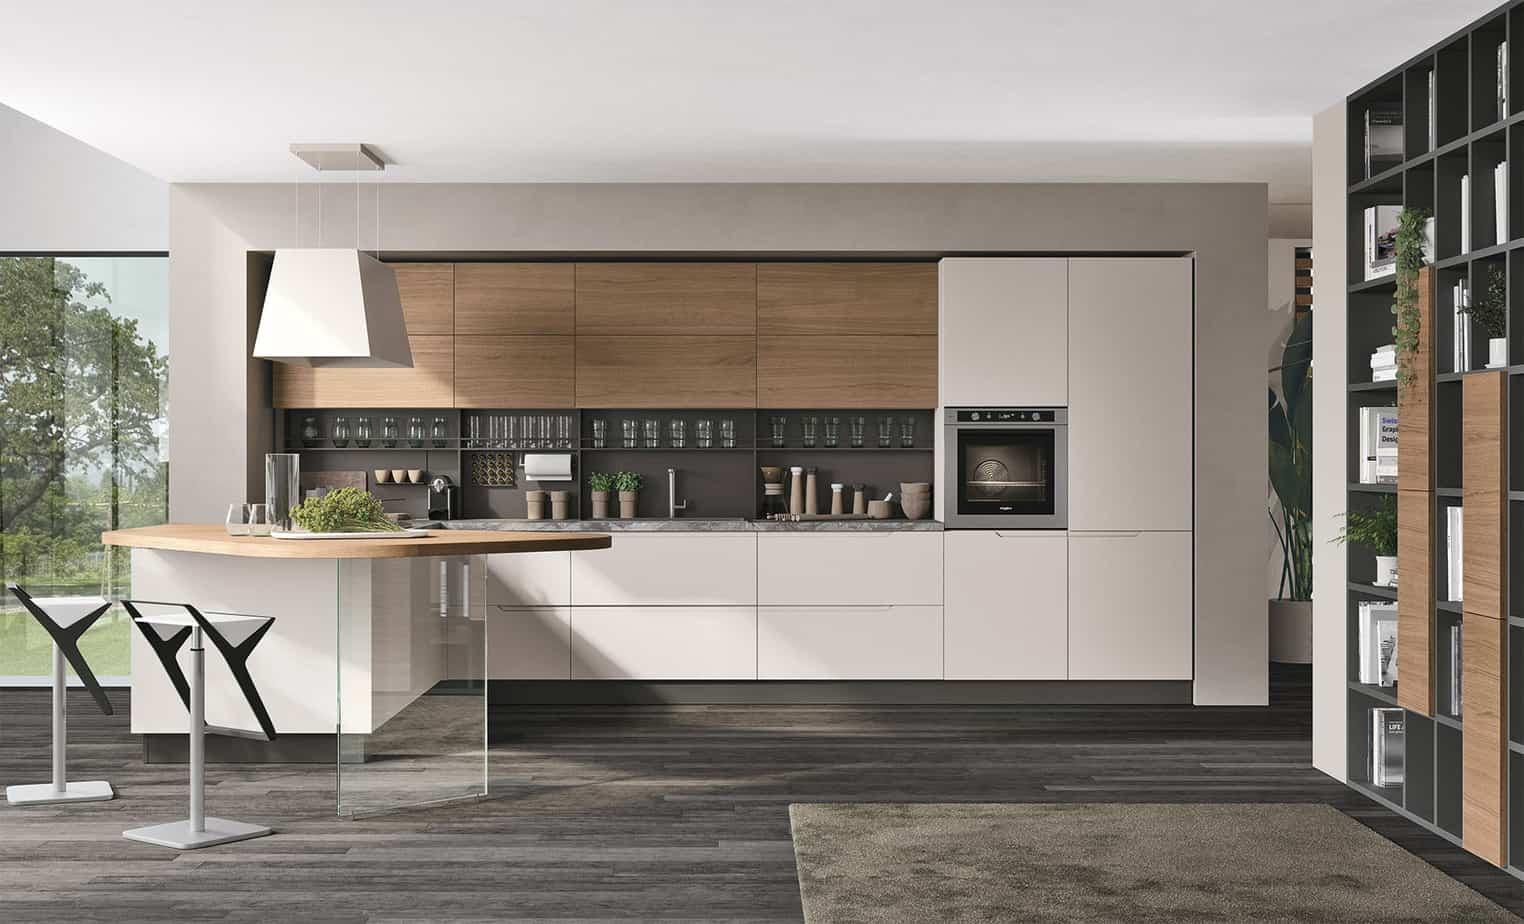 kitchen ideas 2021 handleless interior design